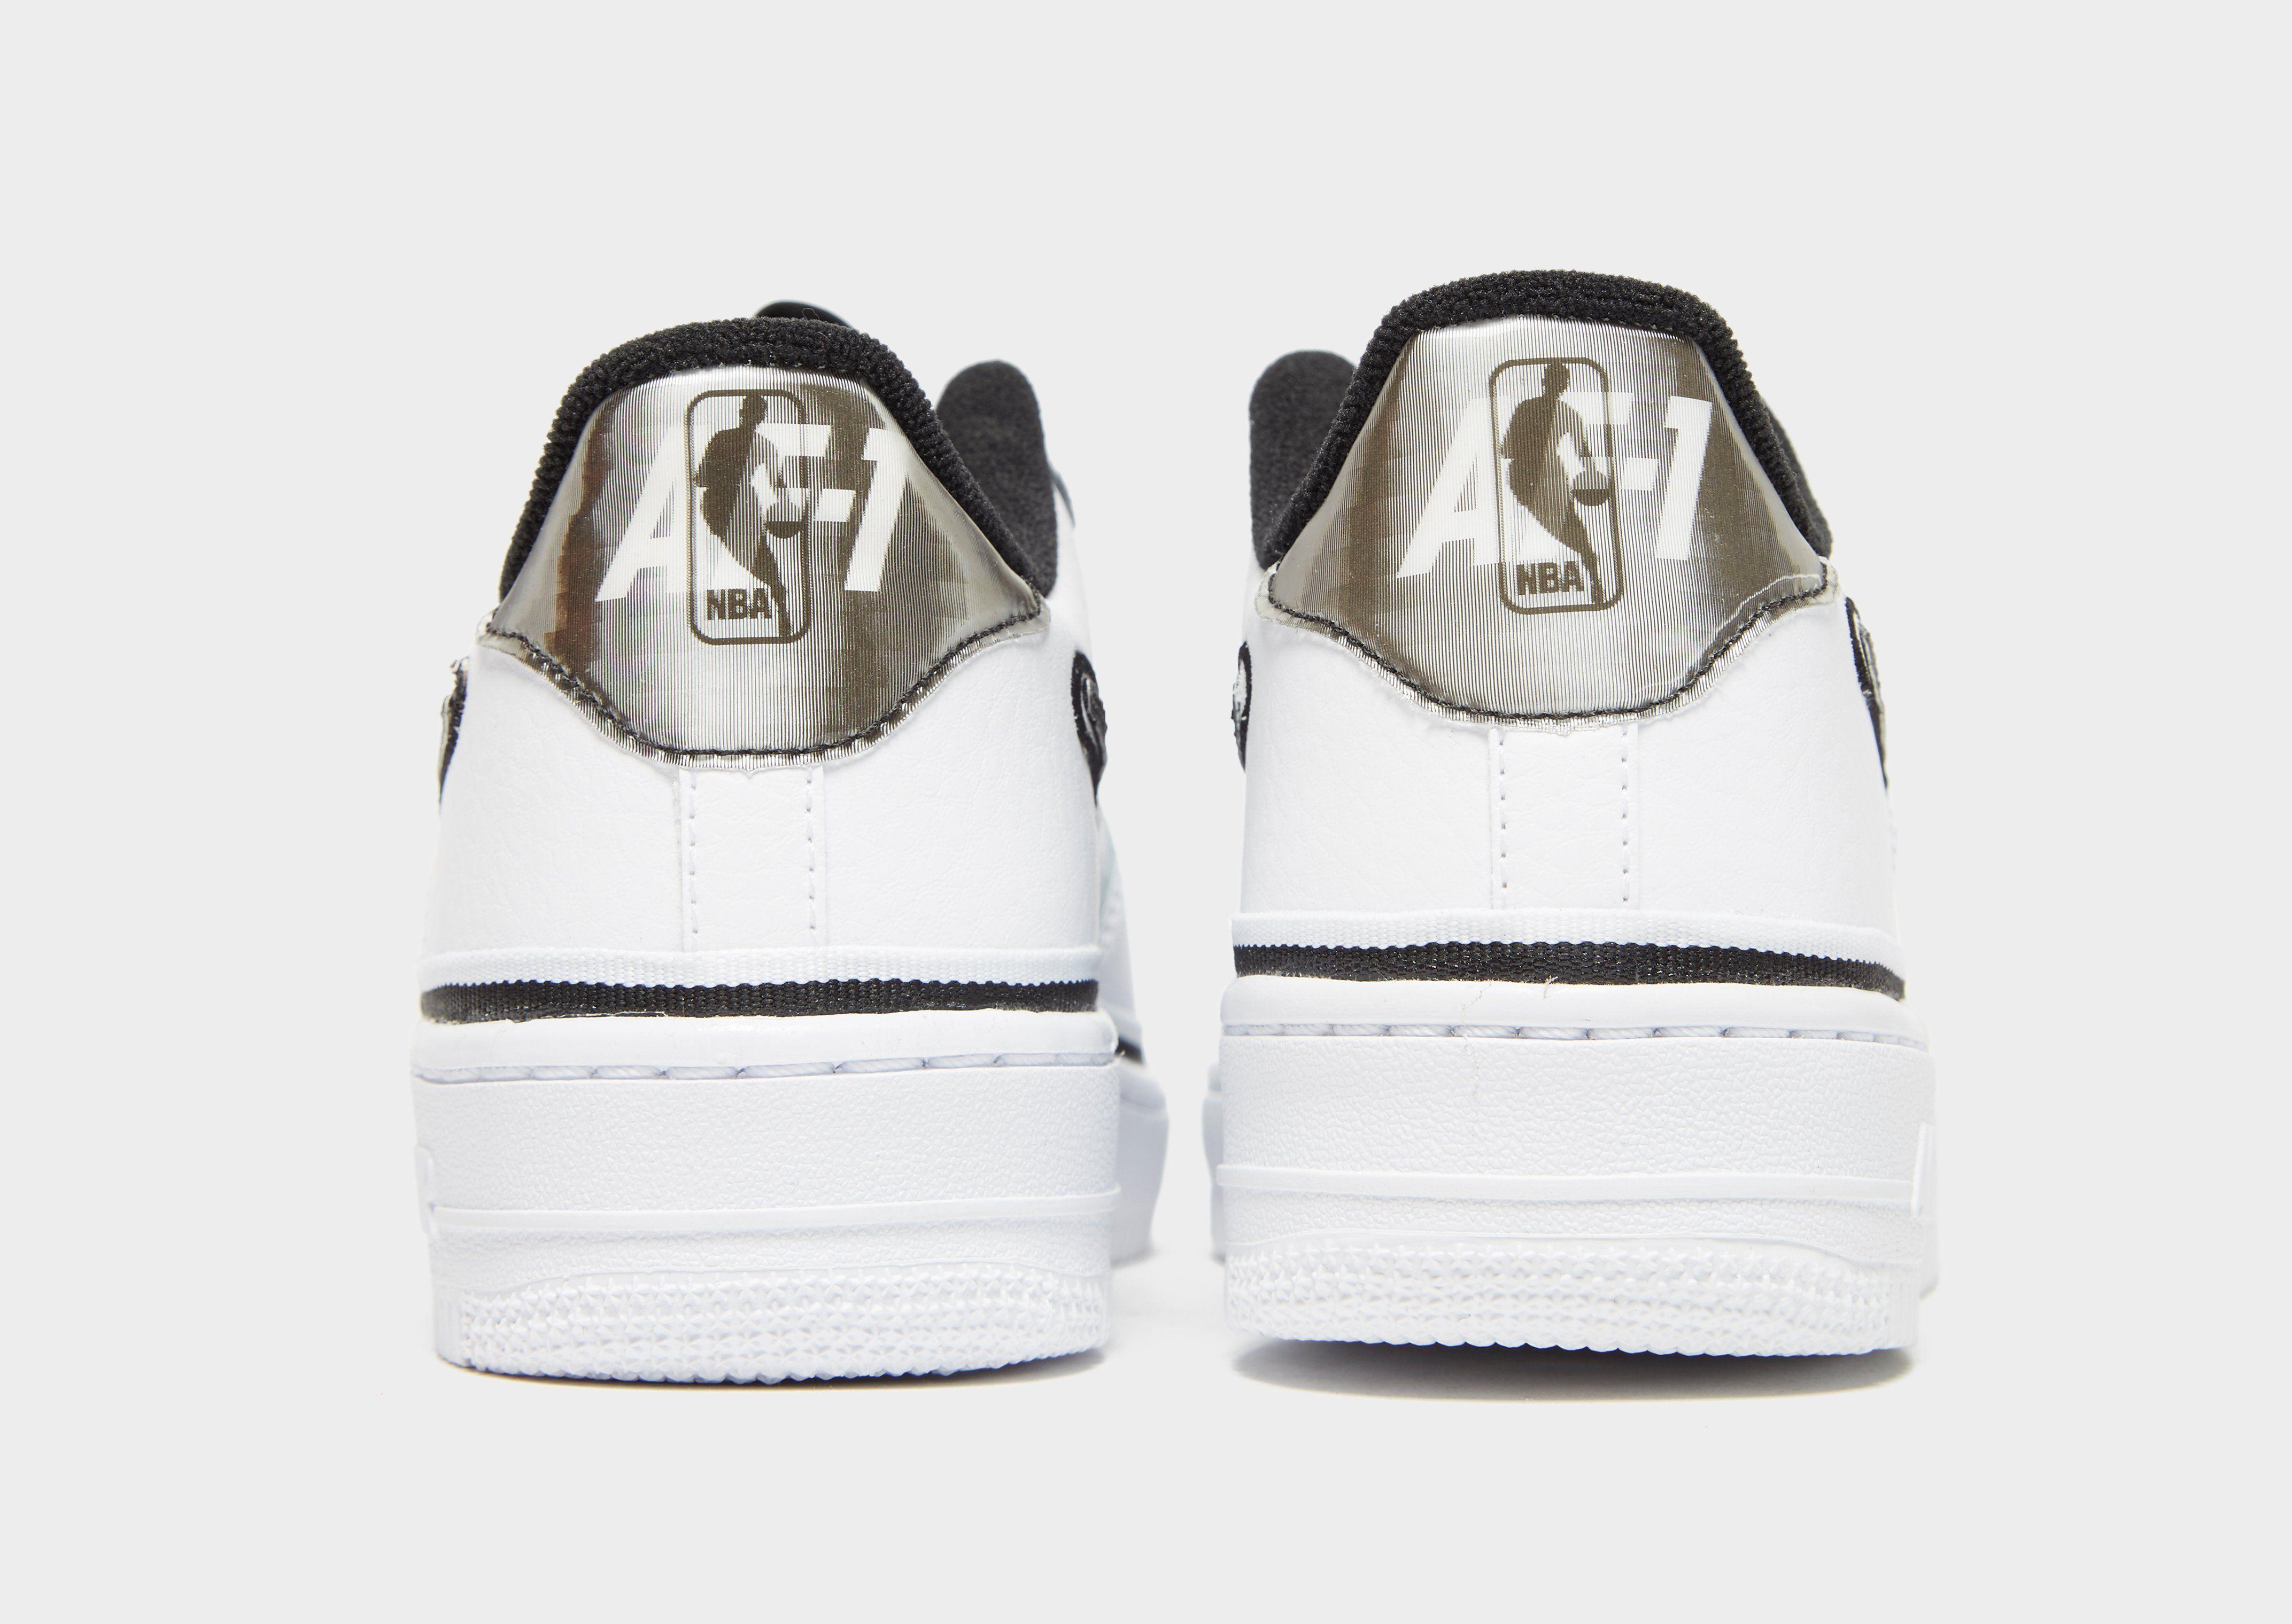 Nike Air Force 1 Low NBA Junior